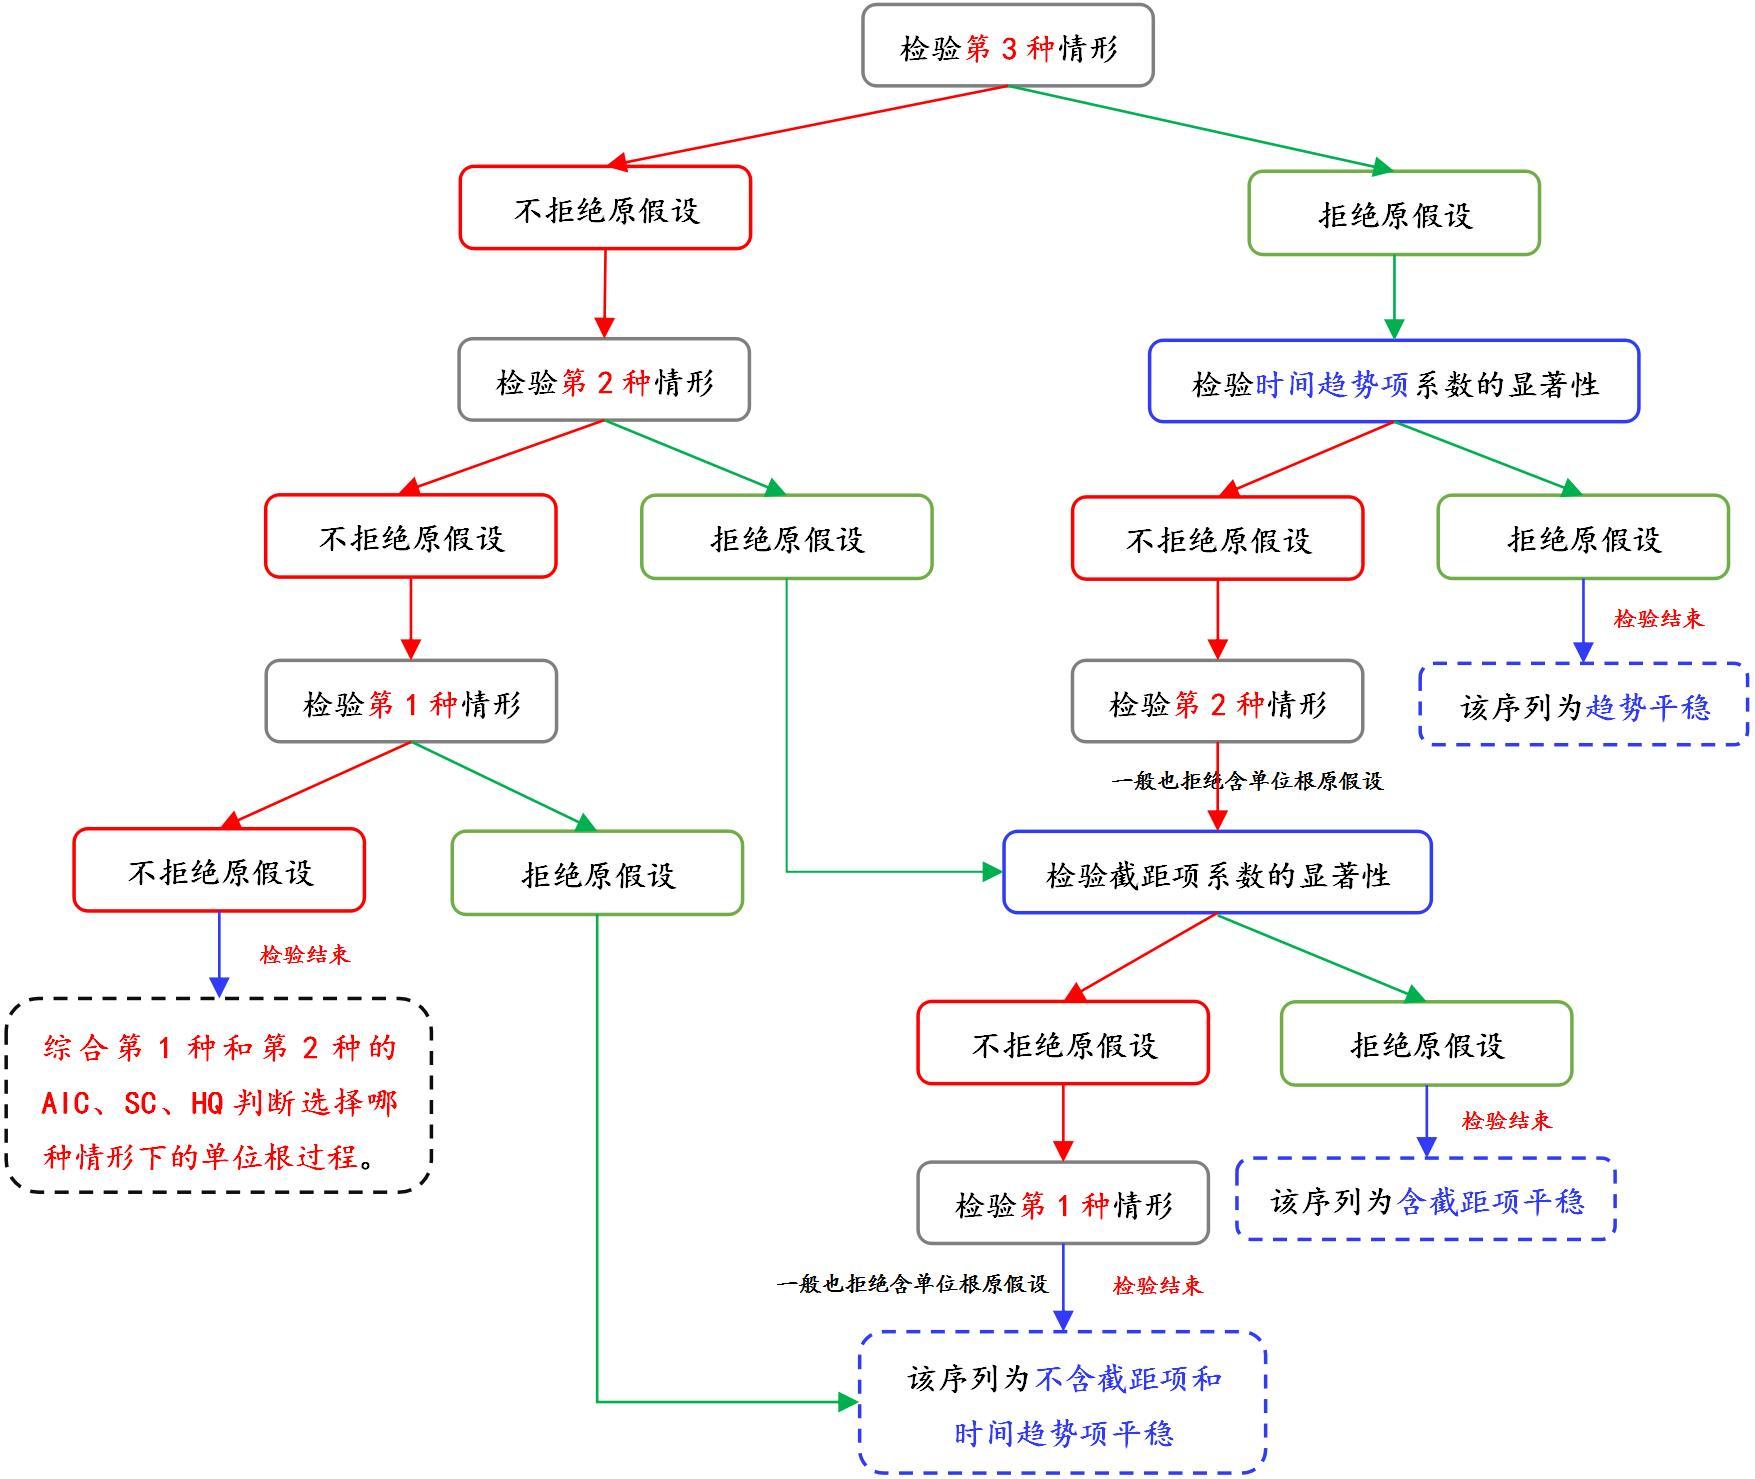 单位根检验流程